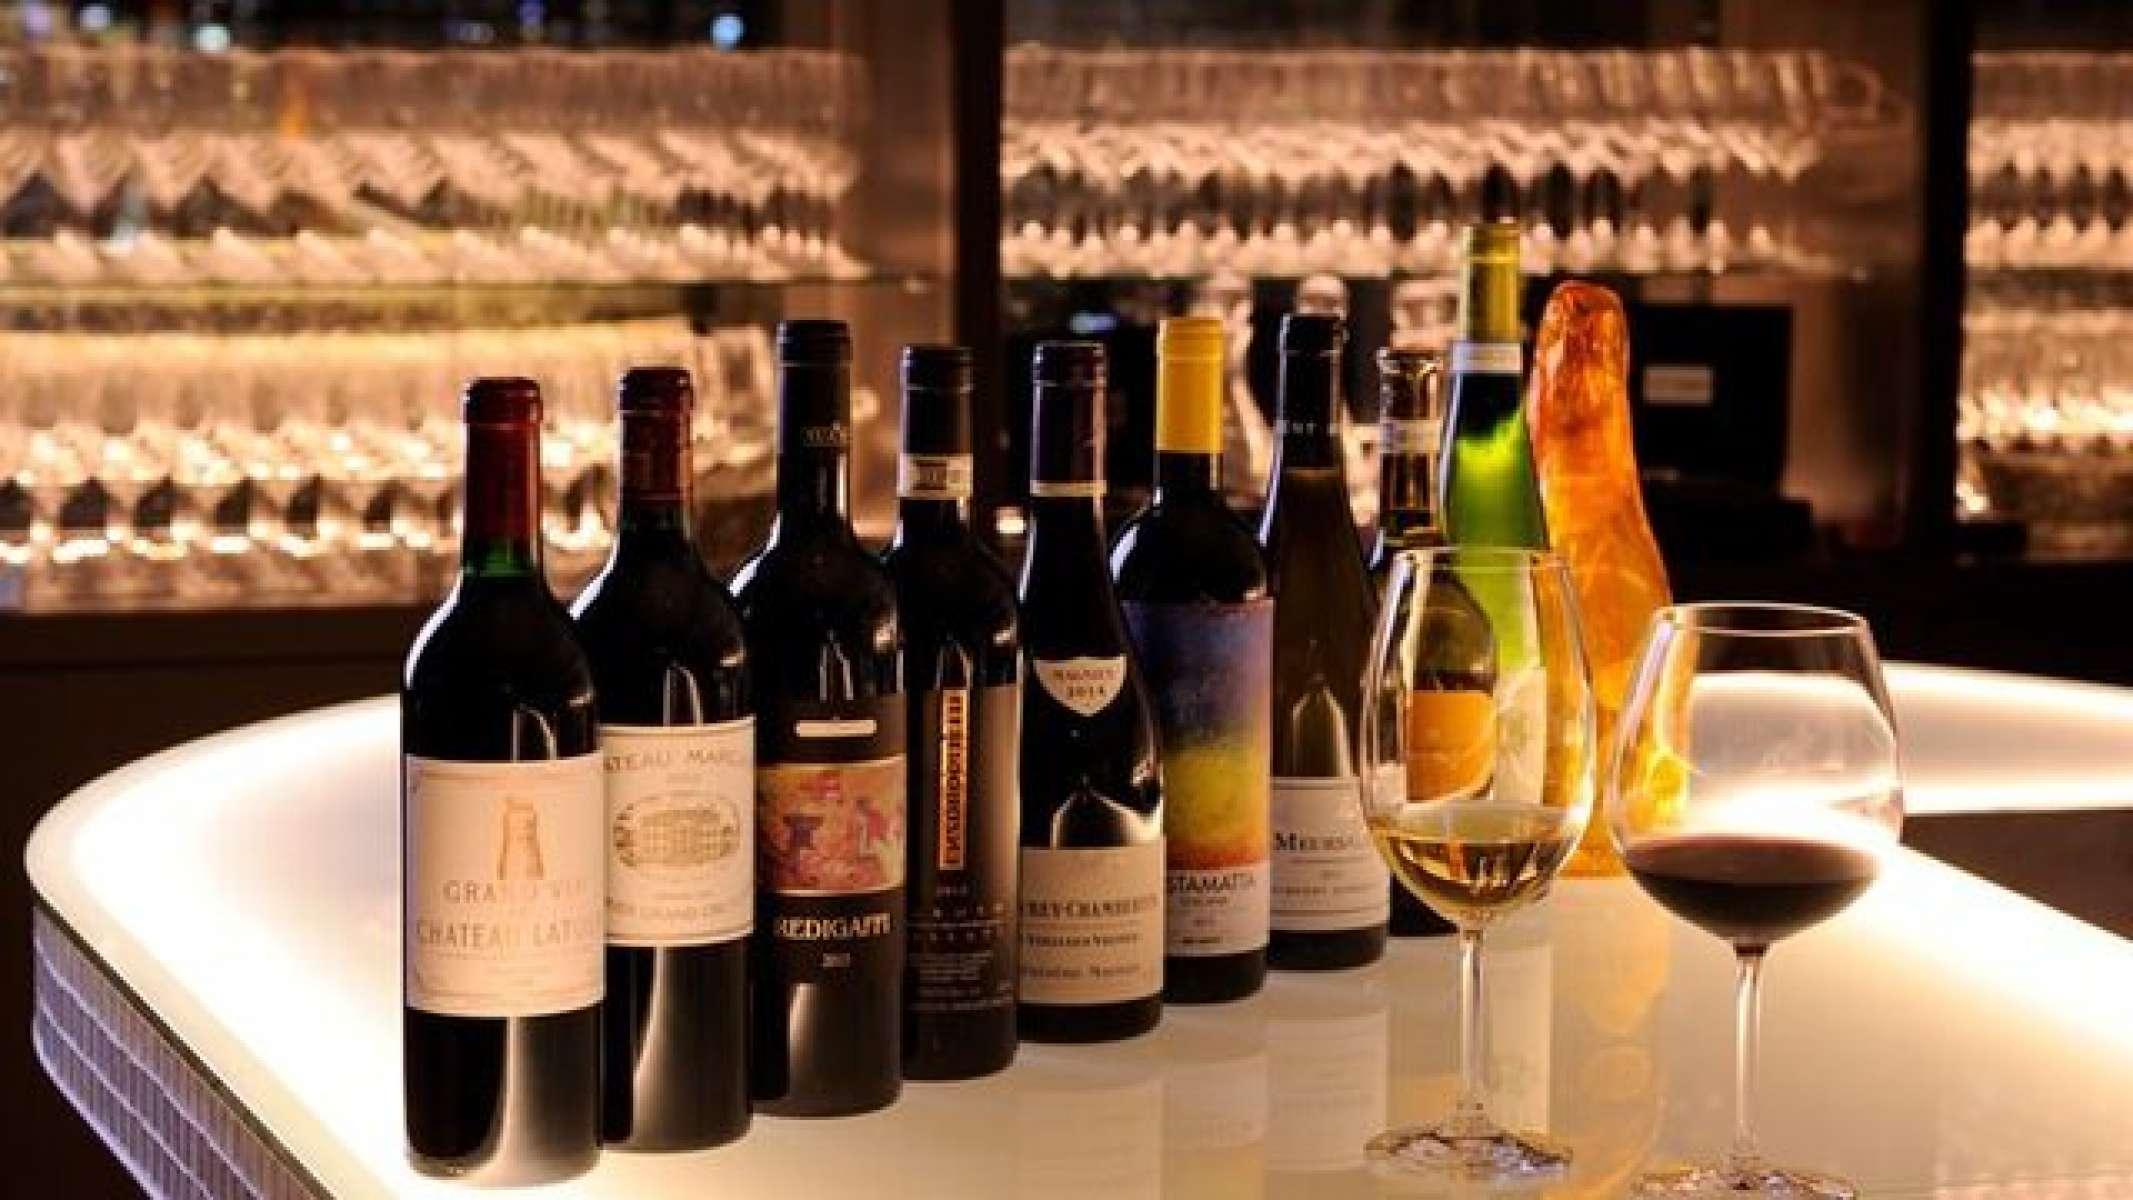 ワインは100種類以上のラインナップ お料理をおしゃれに引き立てるワインは、ワインセラーに常時100種類以上をご用意しております。 ソムリエにご相談いただければ、きっと好みのワインに出会えるでしょう。 ラグジュアリーな空間でワンランク上のマリアージュをどうぞ。